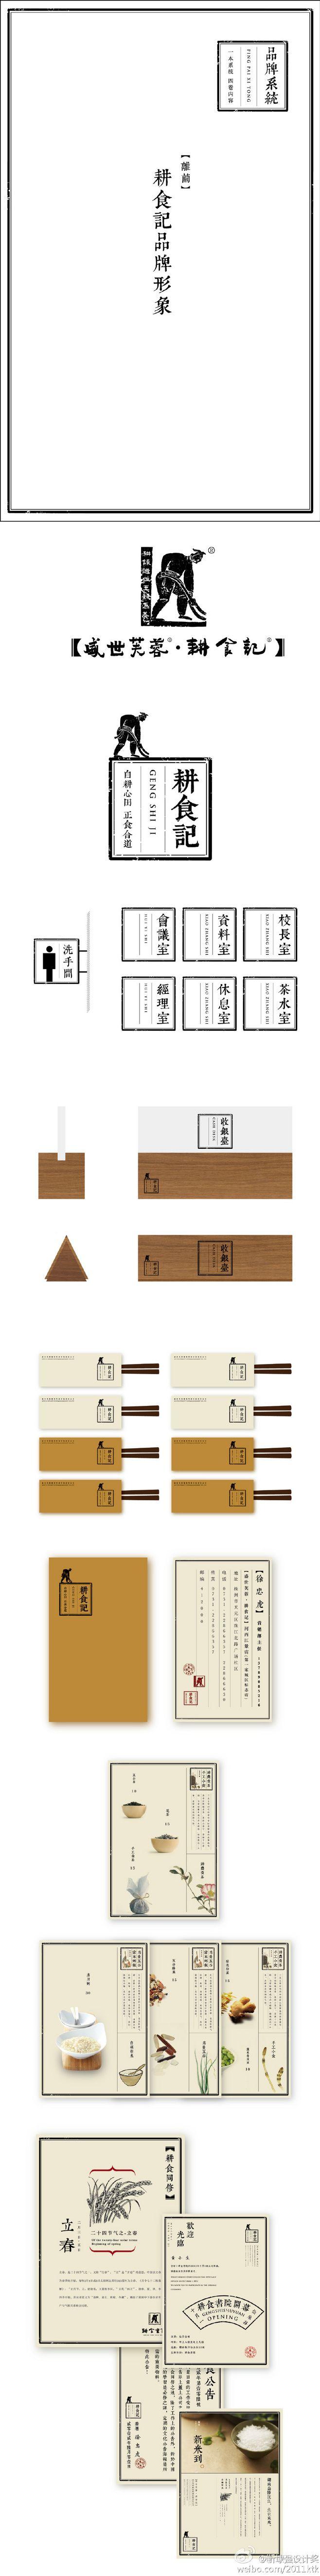 【新私信】 靳埭强设计奖的微博_微博@金灿采集到平面设计(310图)_花瓣平面设计